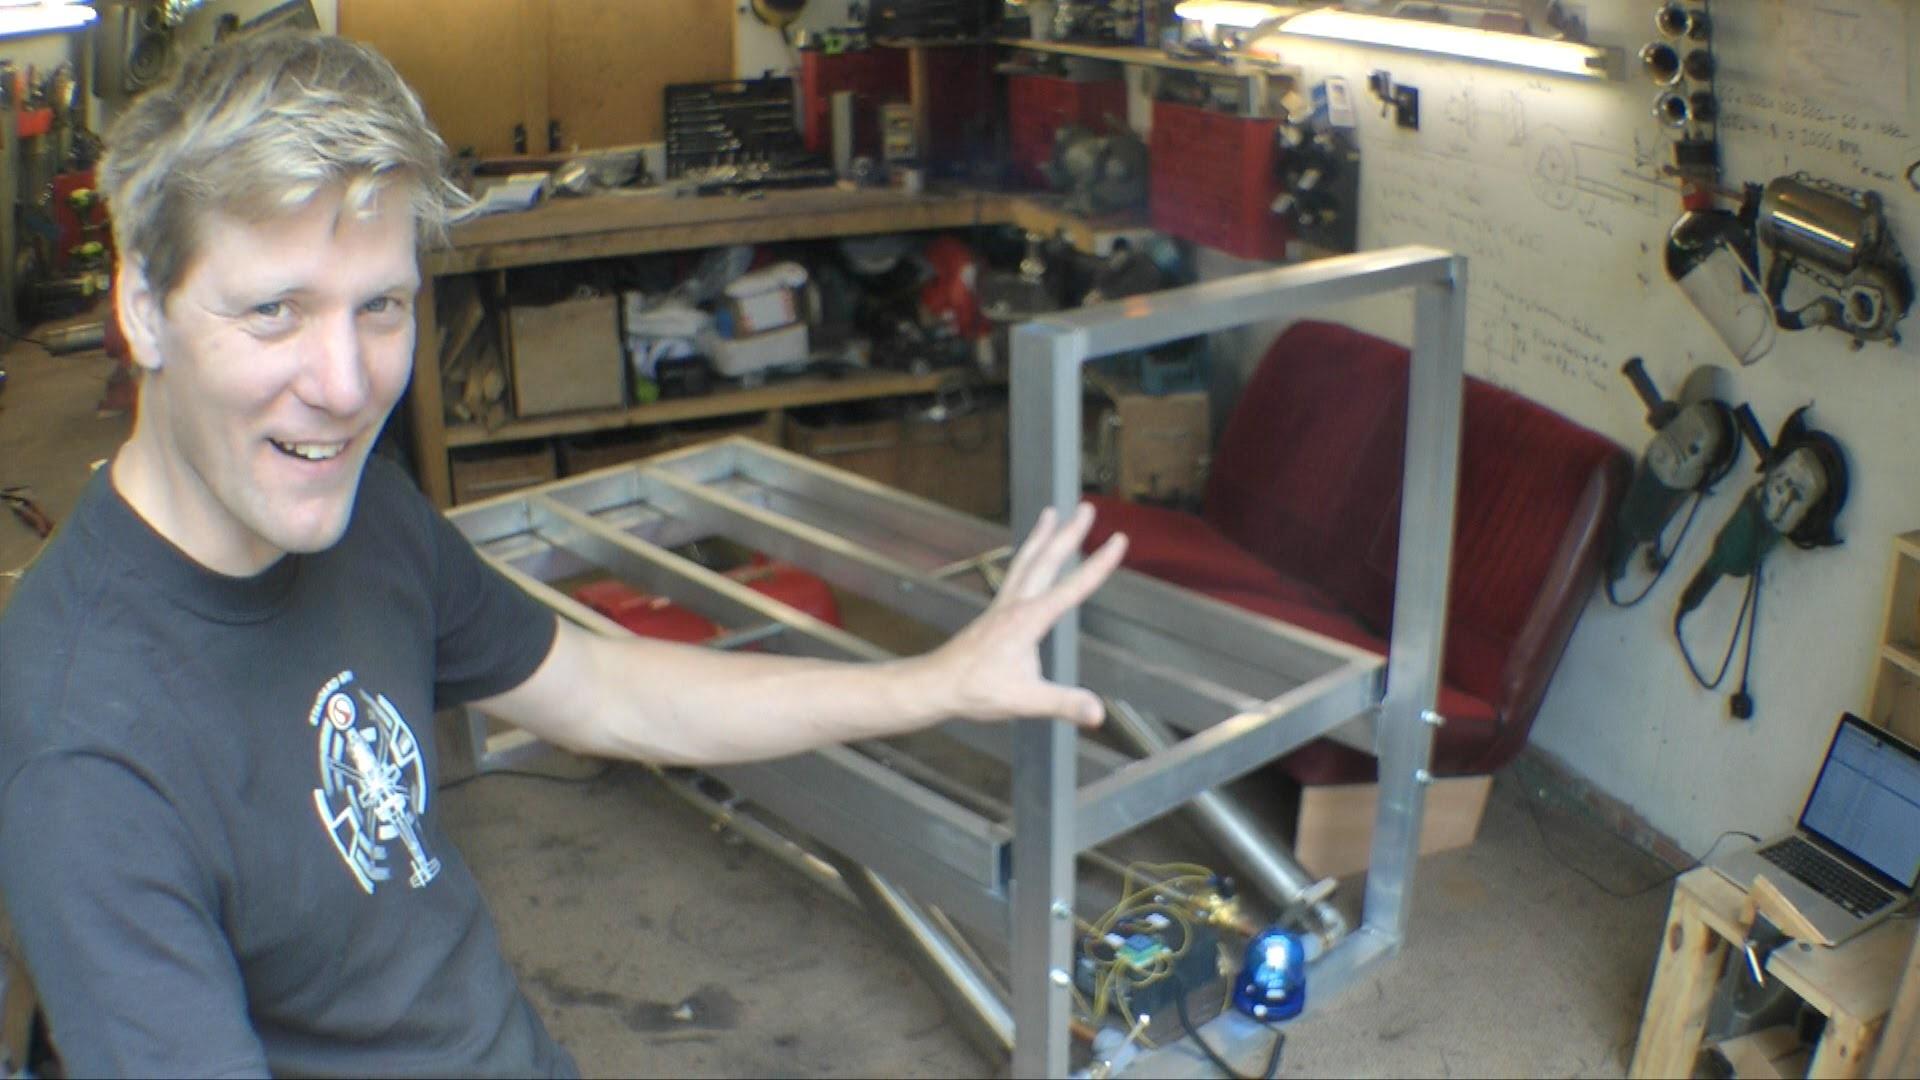 اختراع تختی که تنبلها را به هوا پرتاب میکند